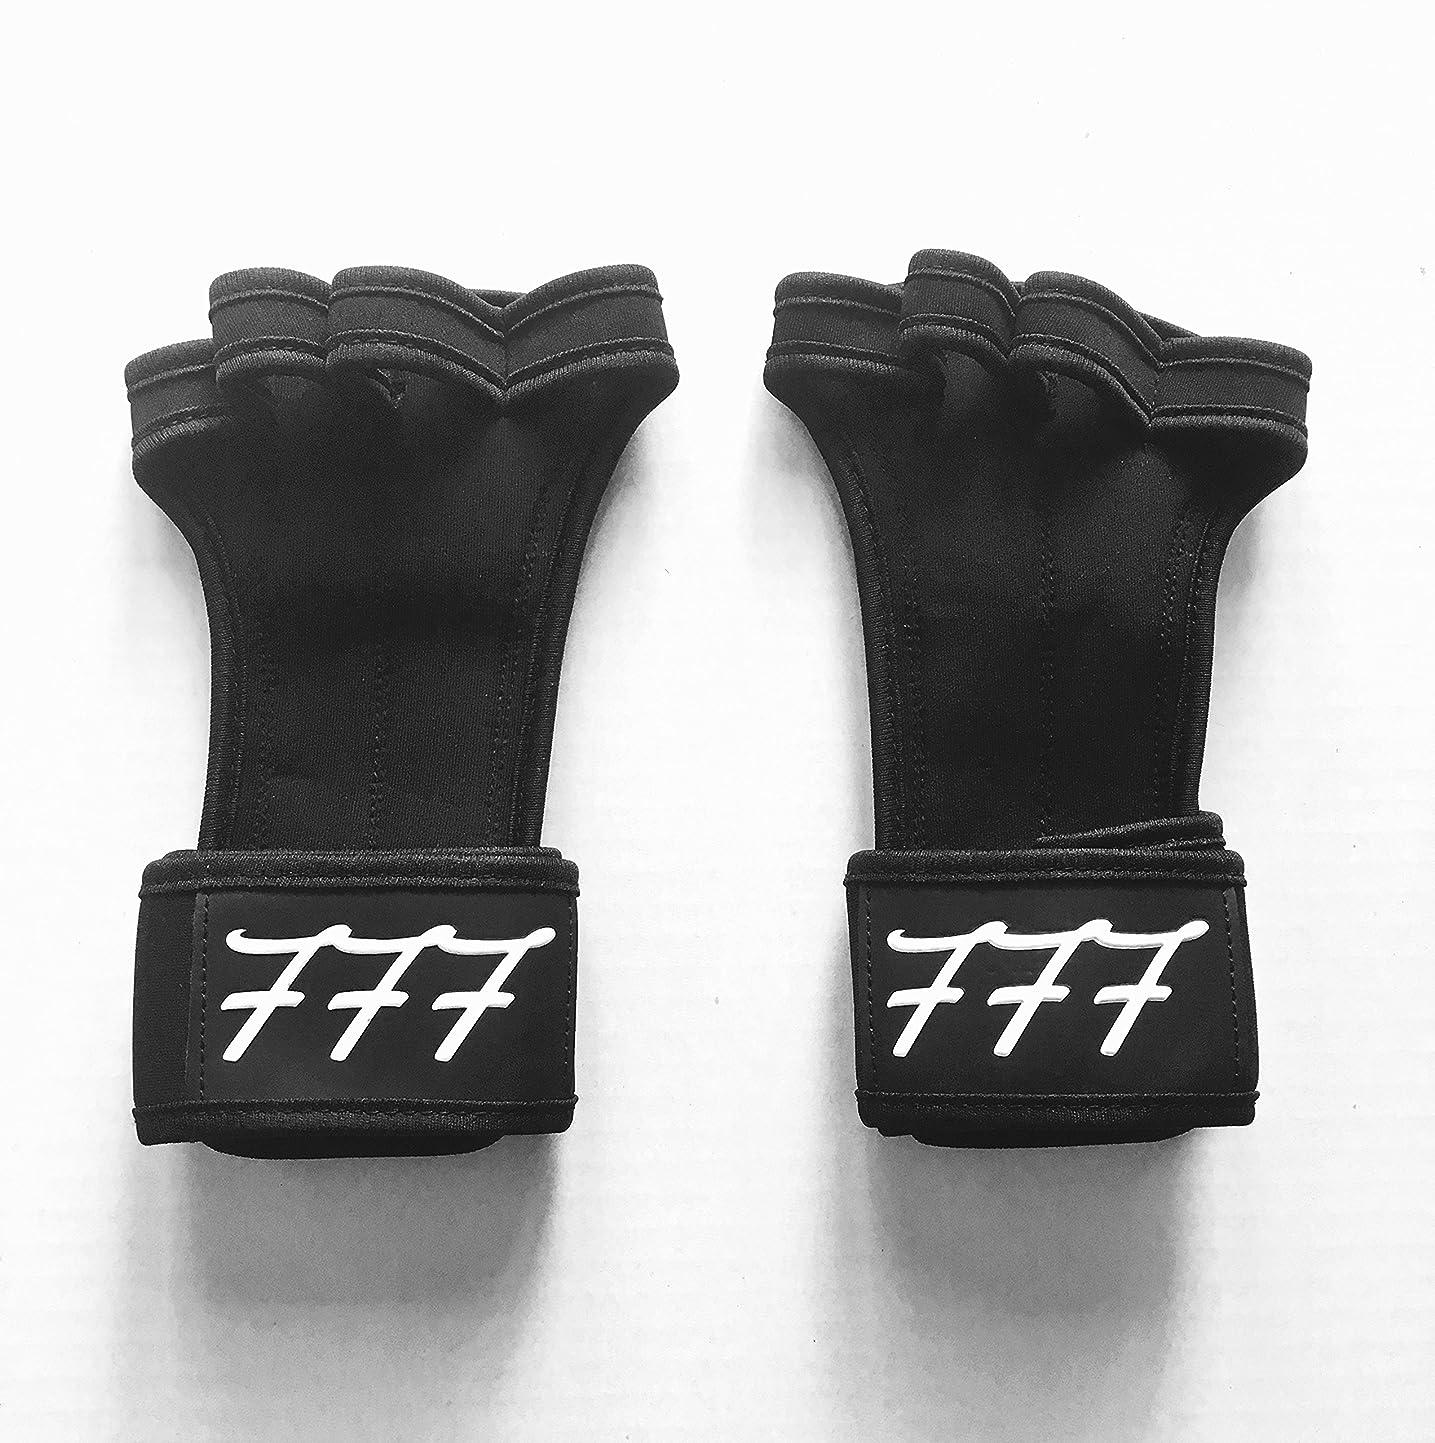 隙間予測方法777ワークアウト用手袋Weighlifting、抱く、クロスフィット、HIITトレーニング、?–?ボーナスeBook?–?シリコンパディングを防ぐために裂ける?–?anti-stink?–?手首サポート